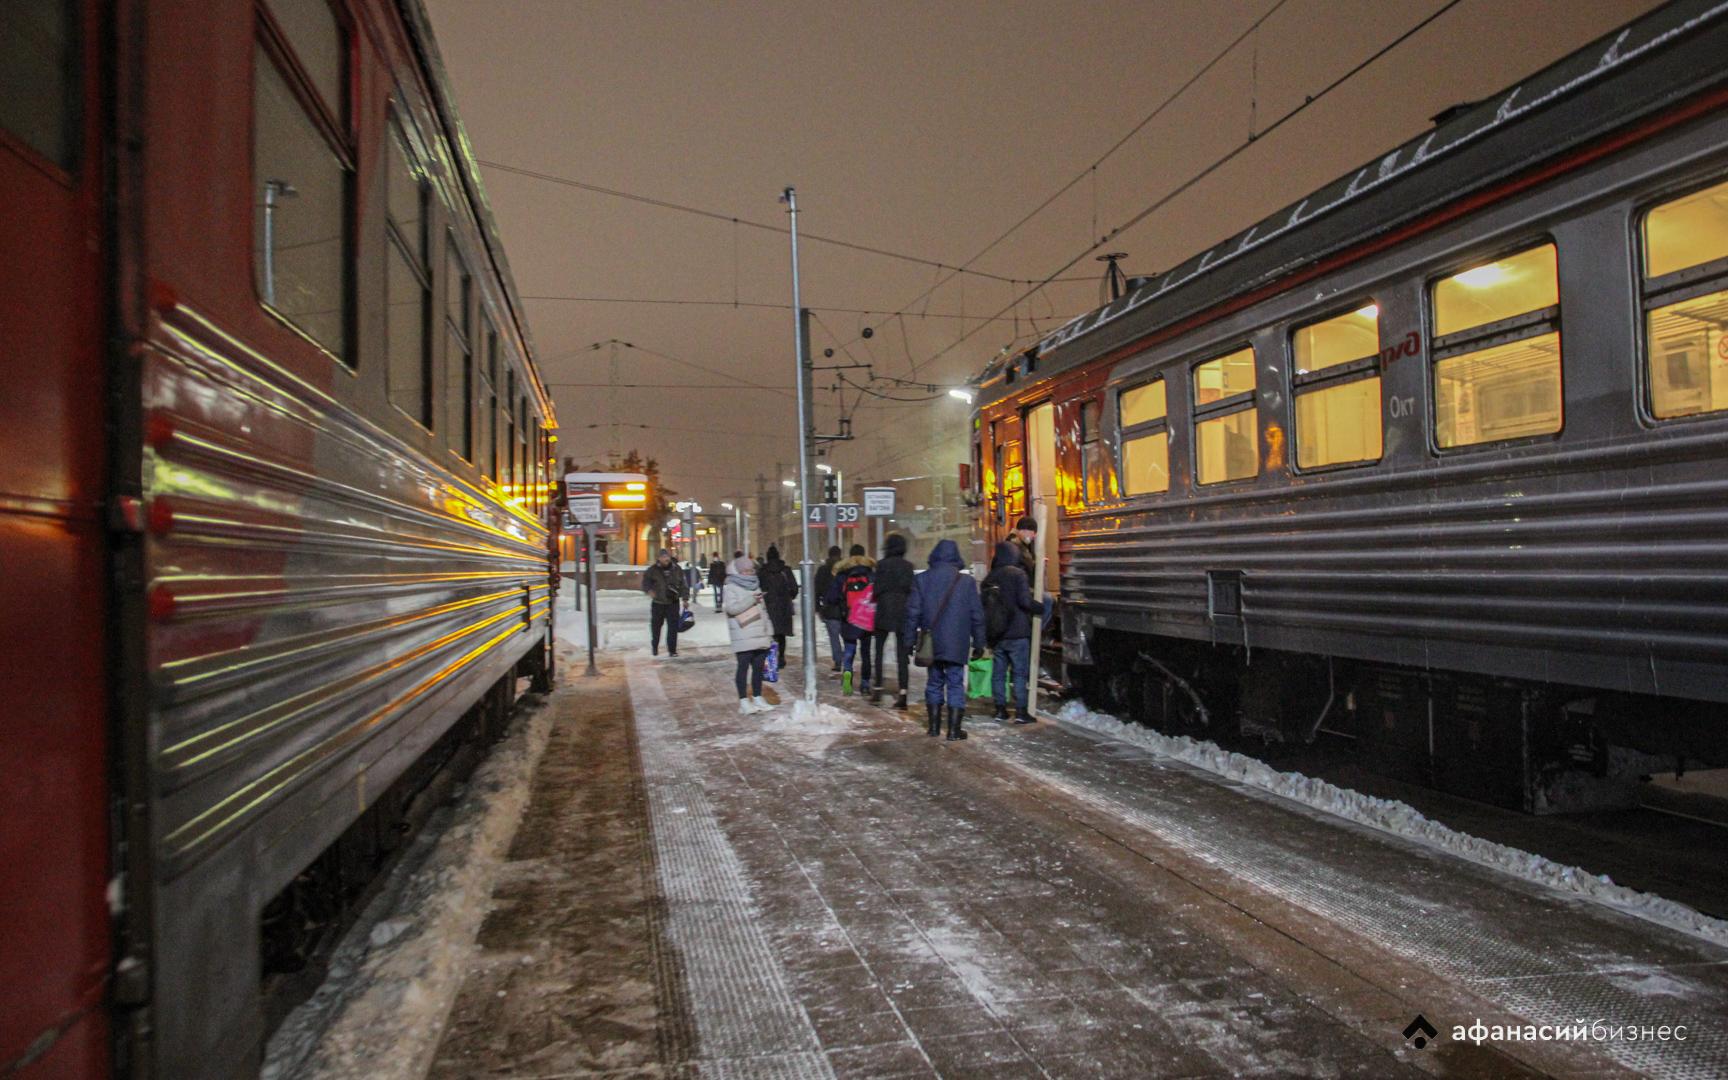 В апреле в Тверской области частично отменят несколько пригородных поездов - новости Афанасий